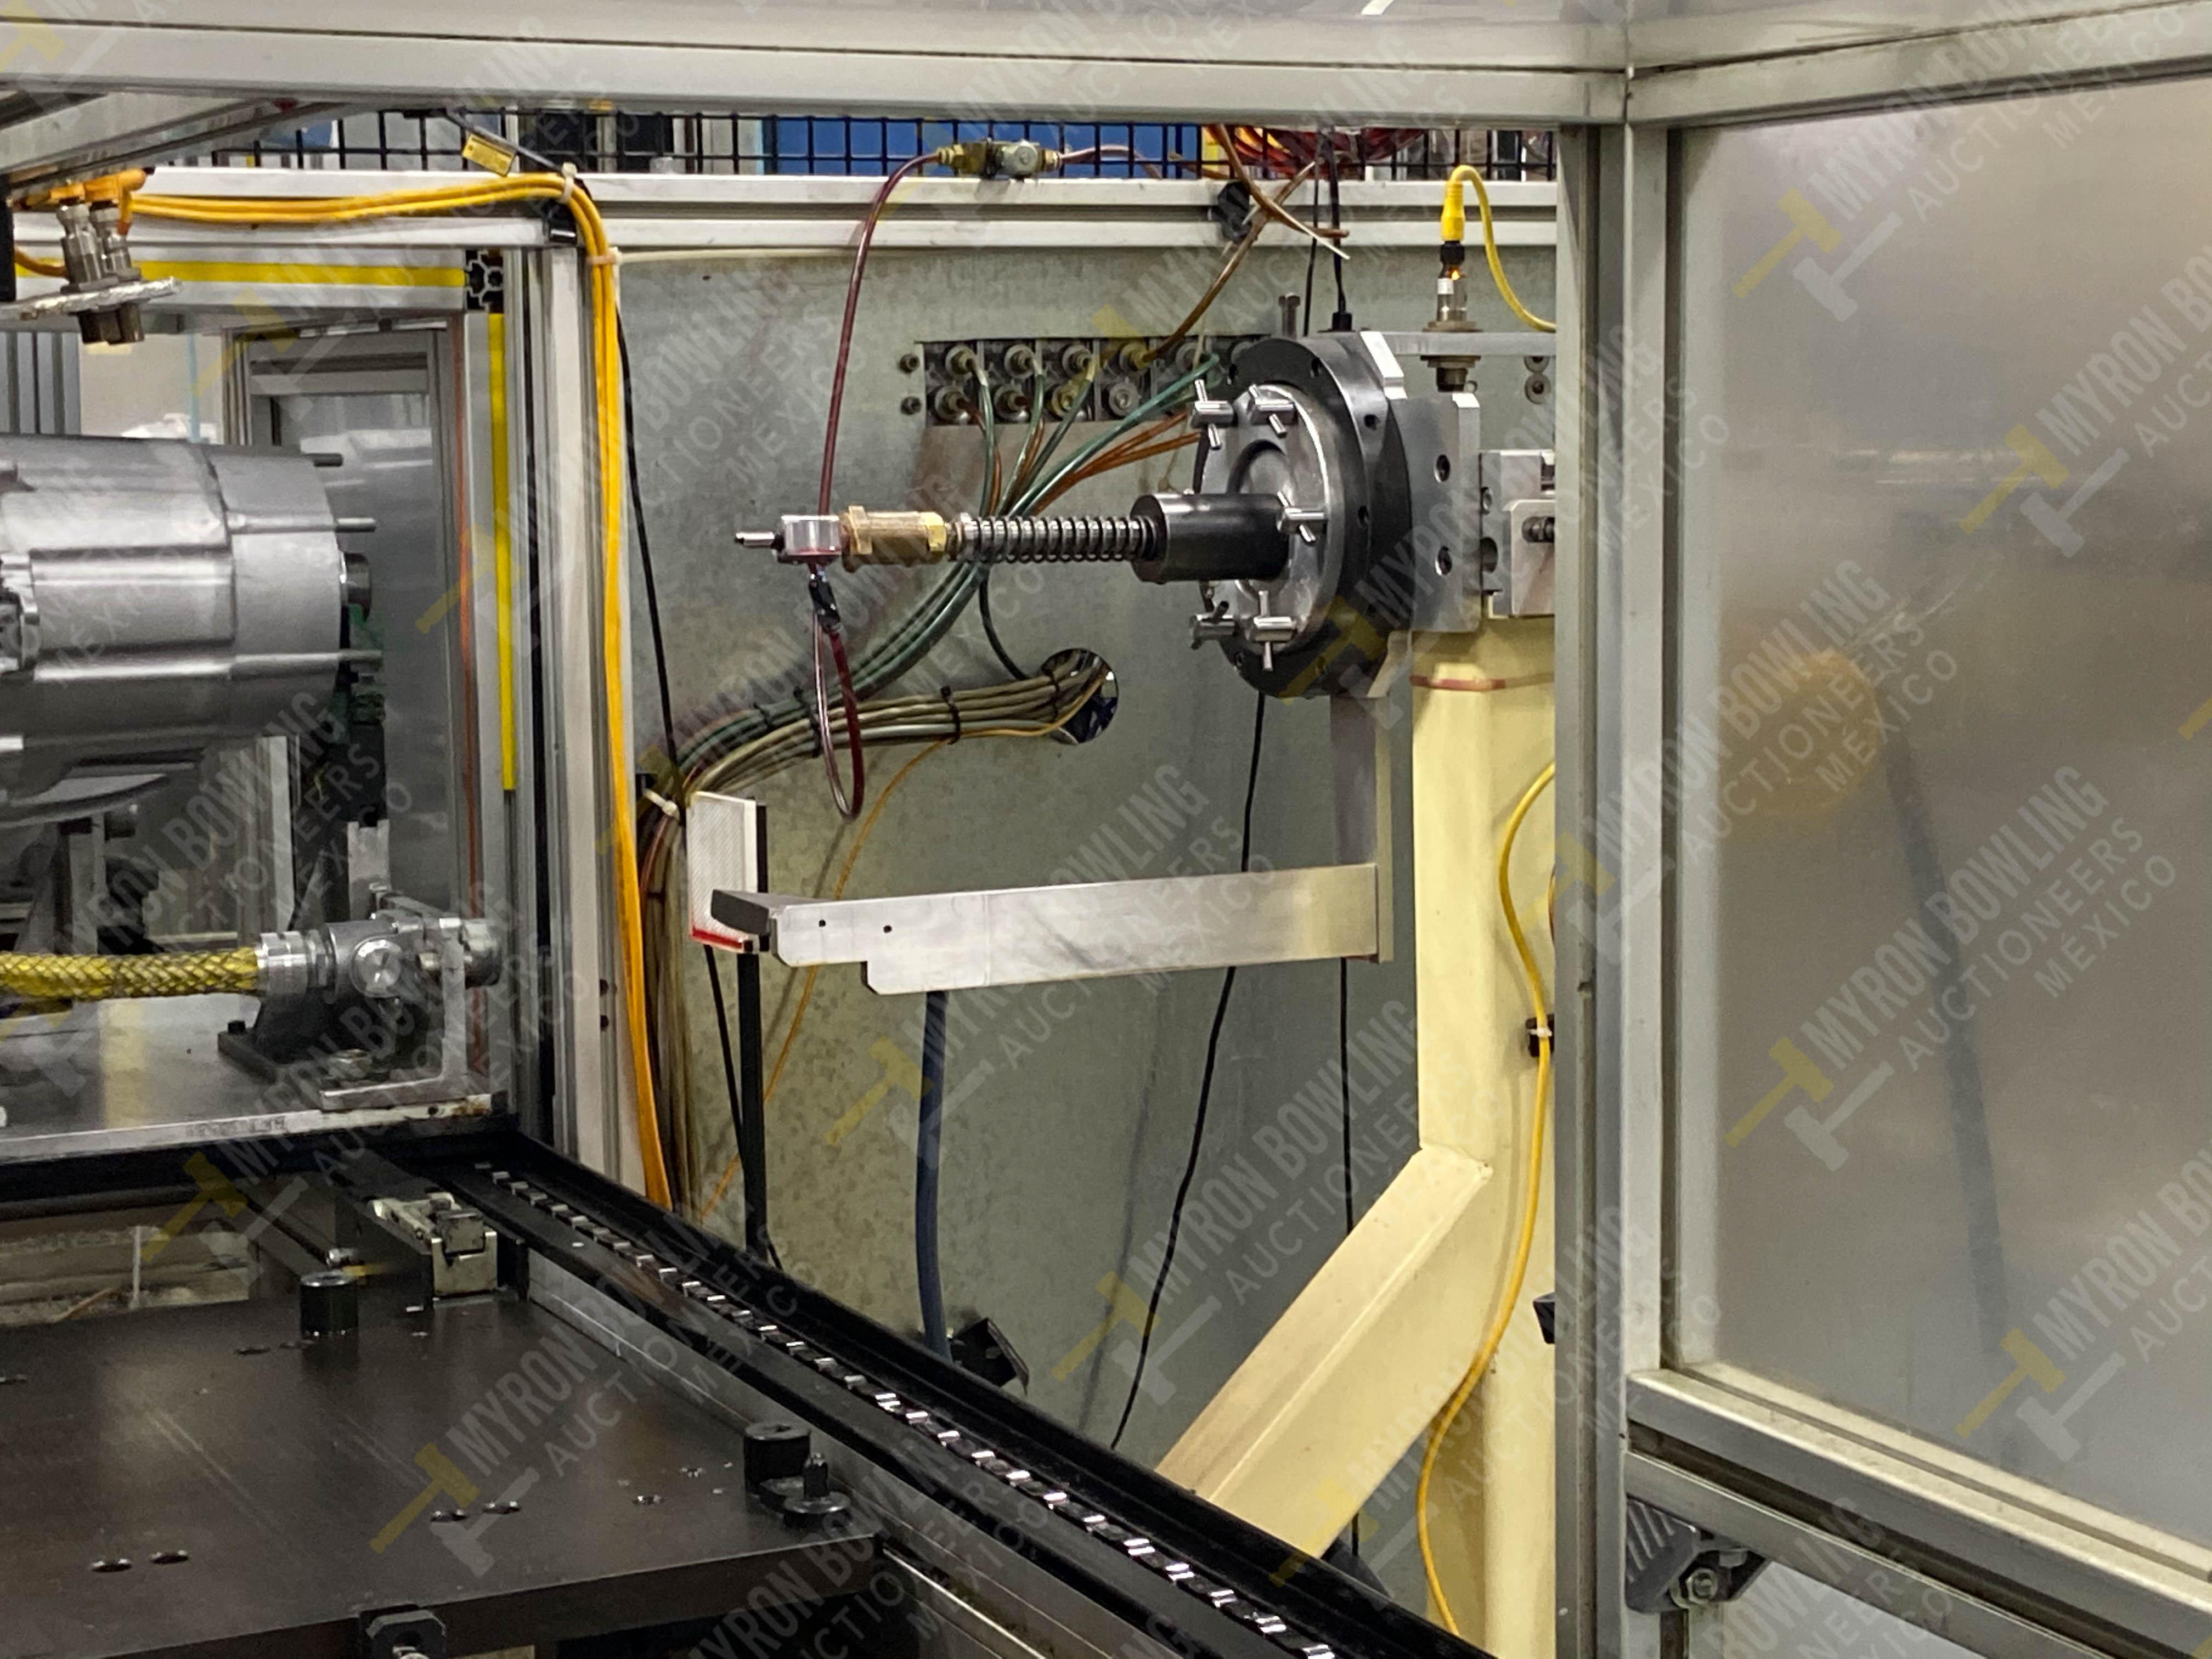 Estación semiautomática para operación 415, contiene: Máquina pesadora de piezas con 1 cilindro - Image 6 of 16